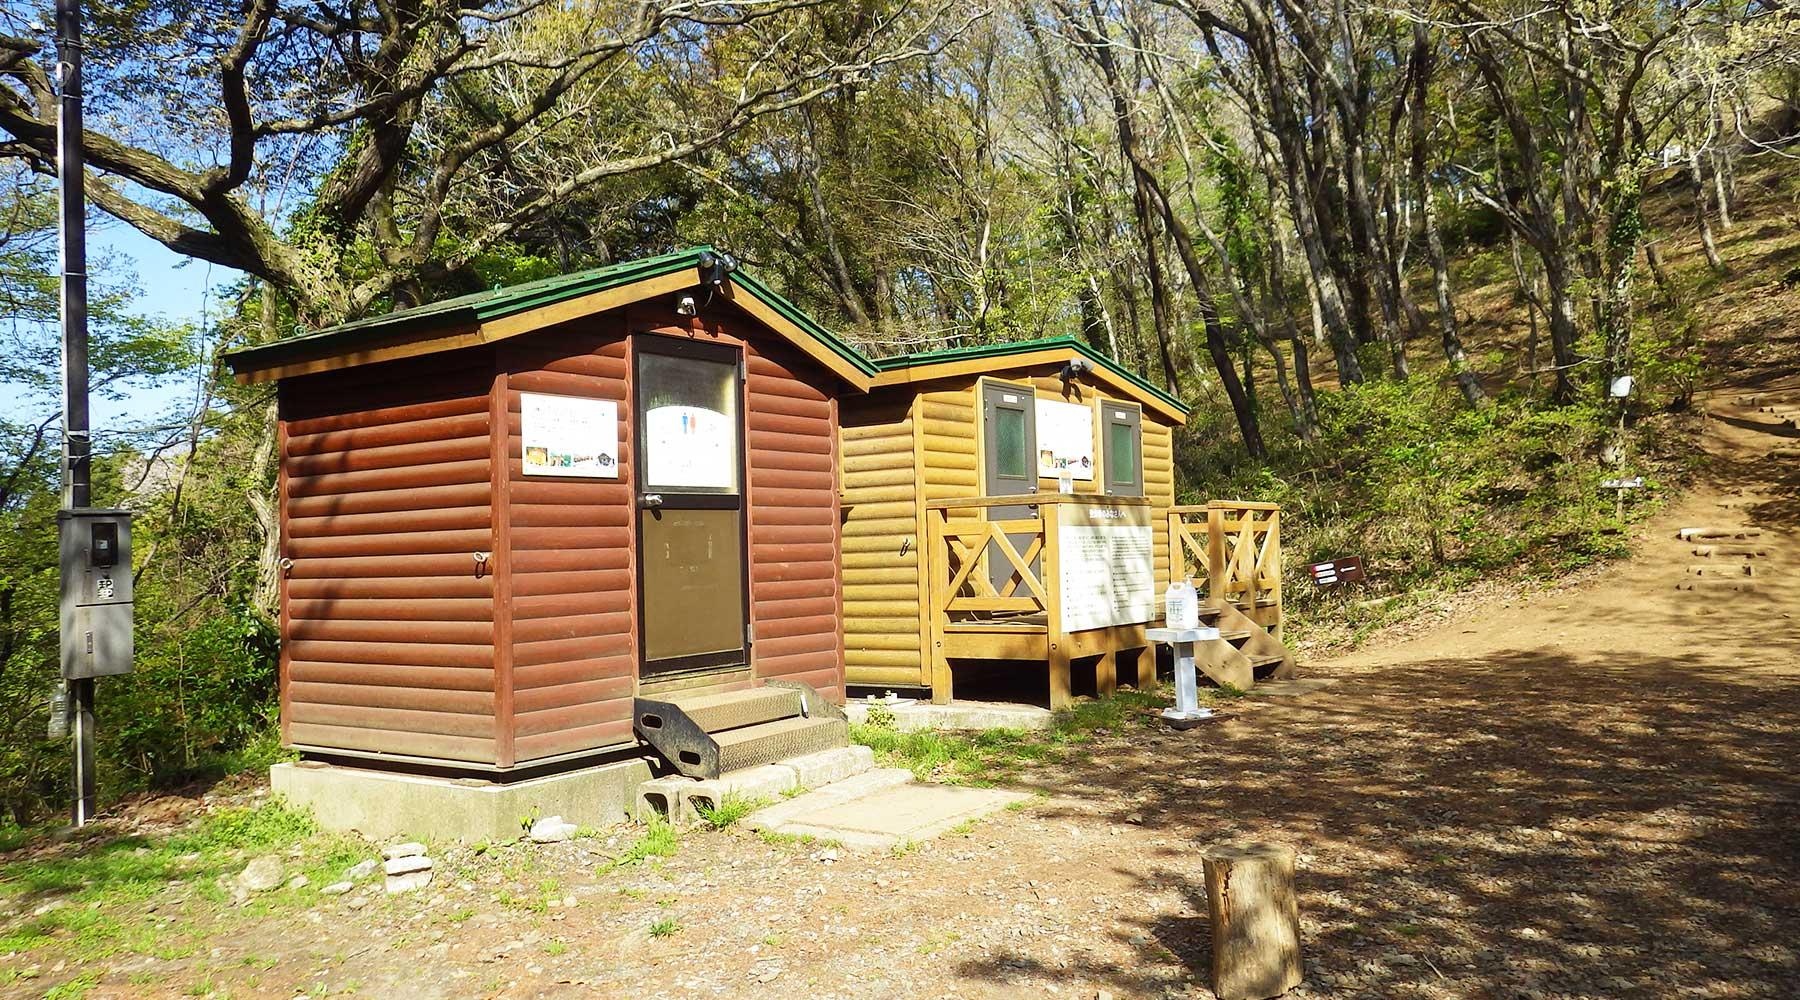 宝篋山山頂下にあるバイオトイレ